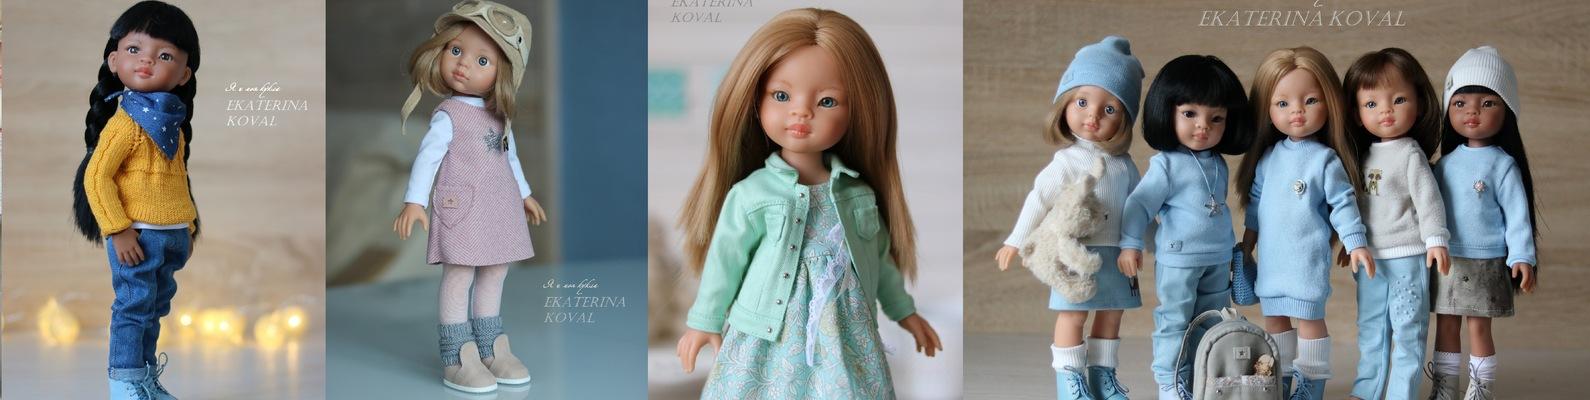 Я и моя кукла: одежда для кукол и девочек | ВКонтакте